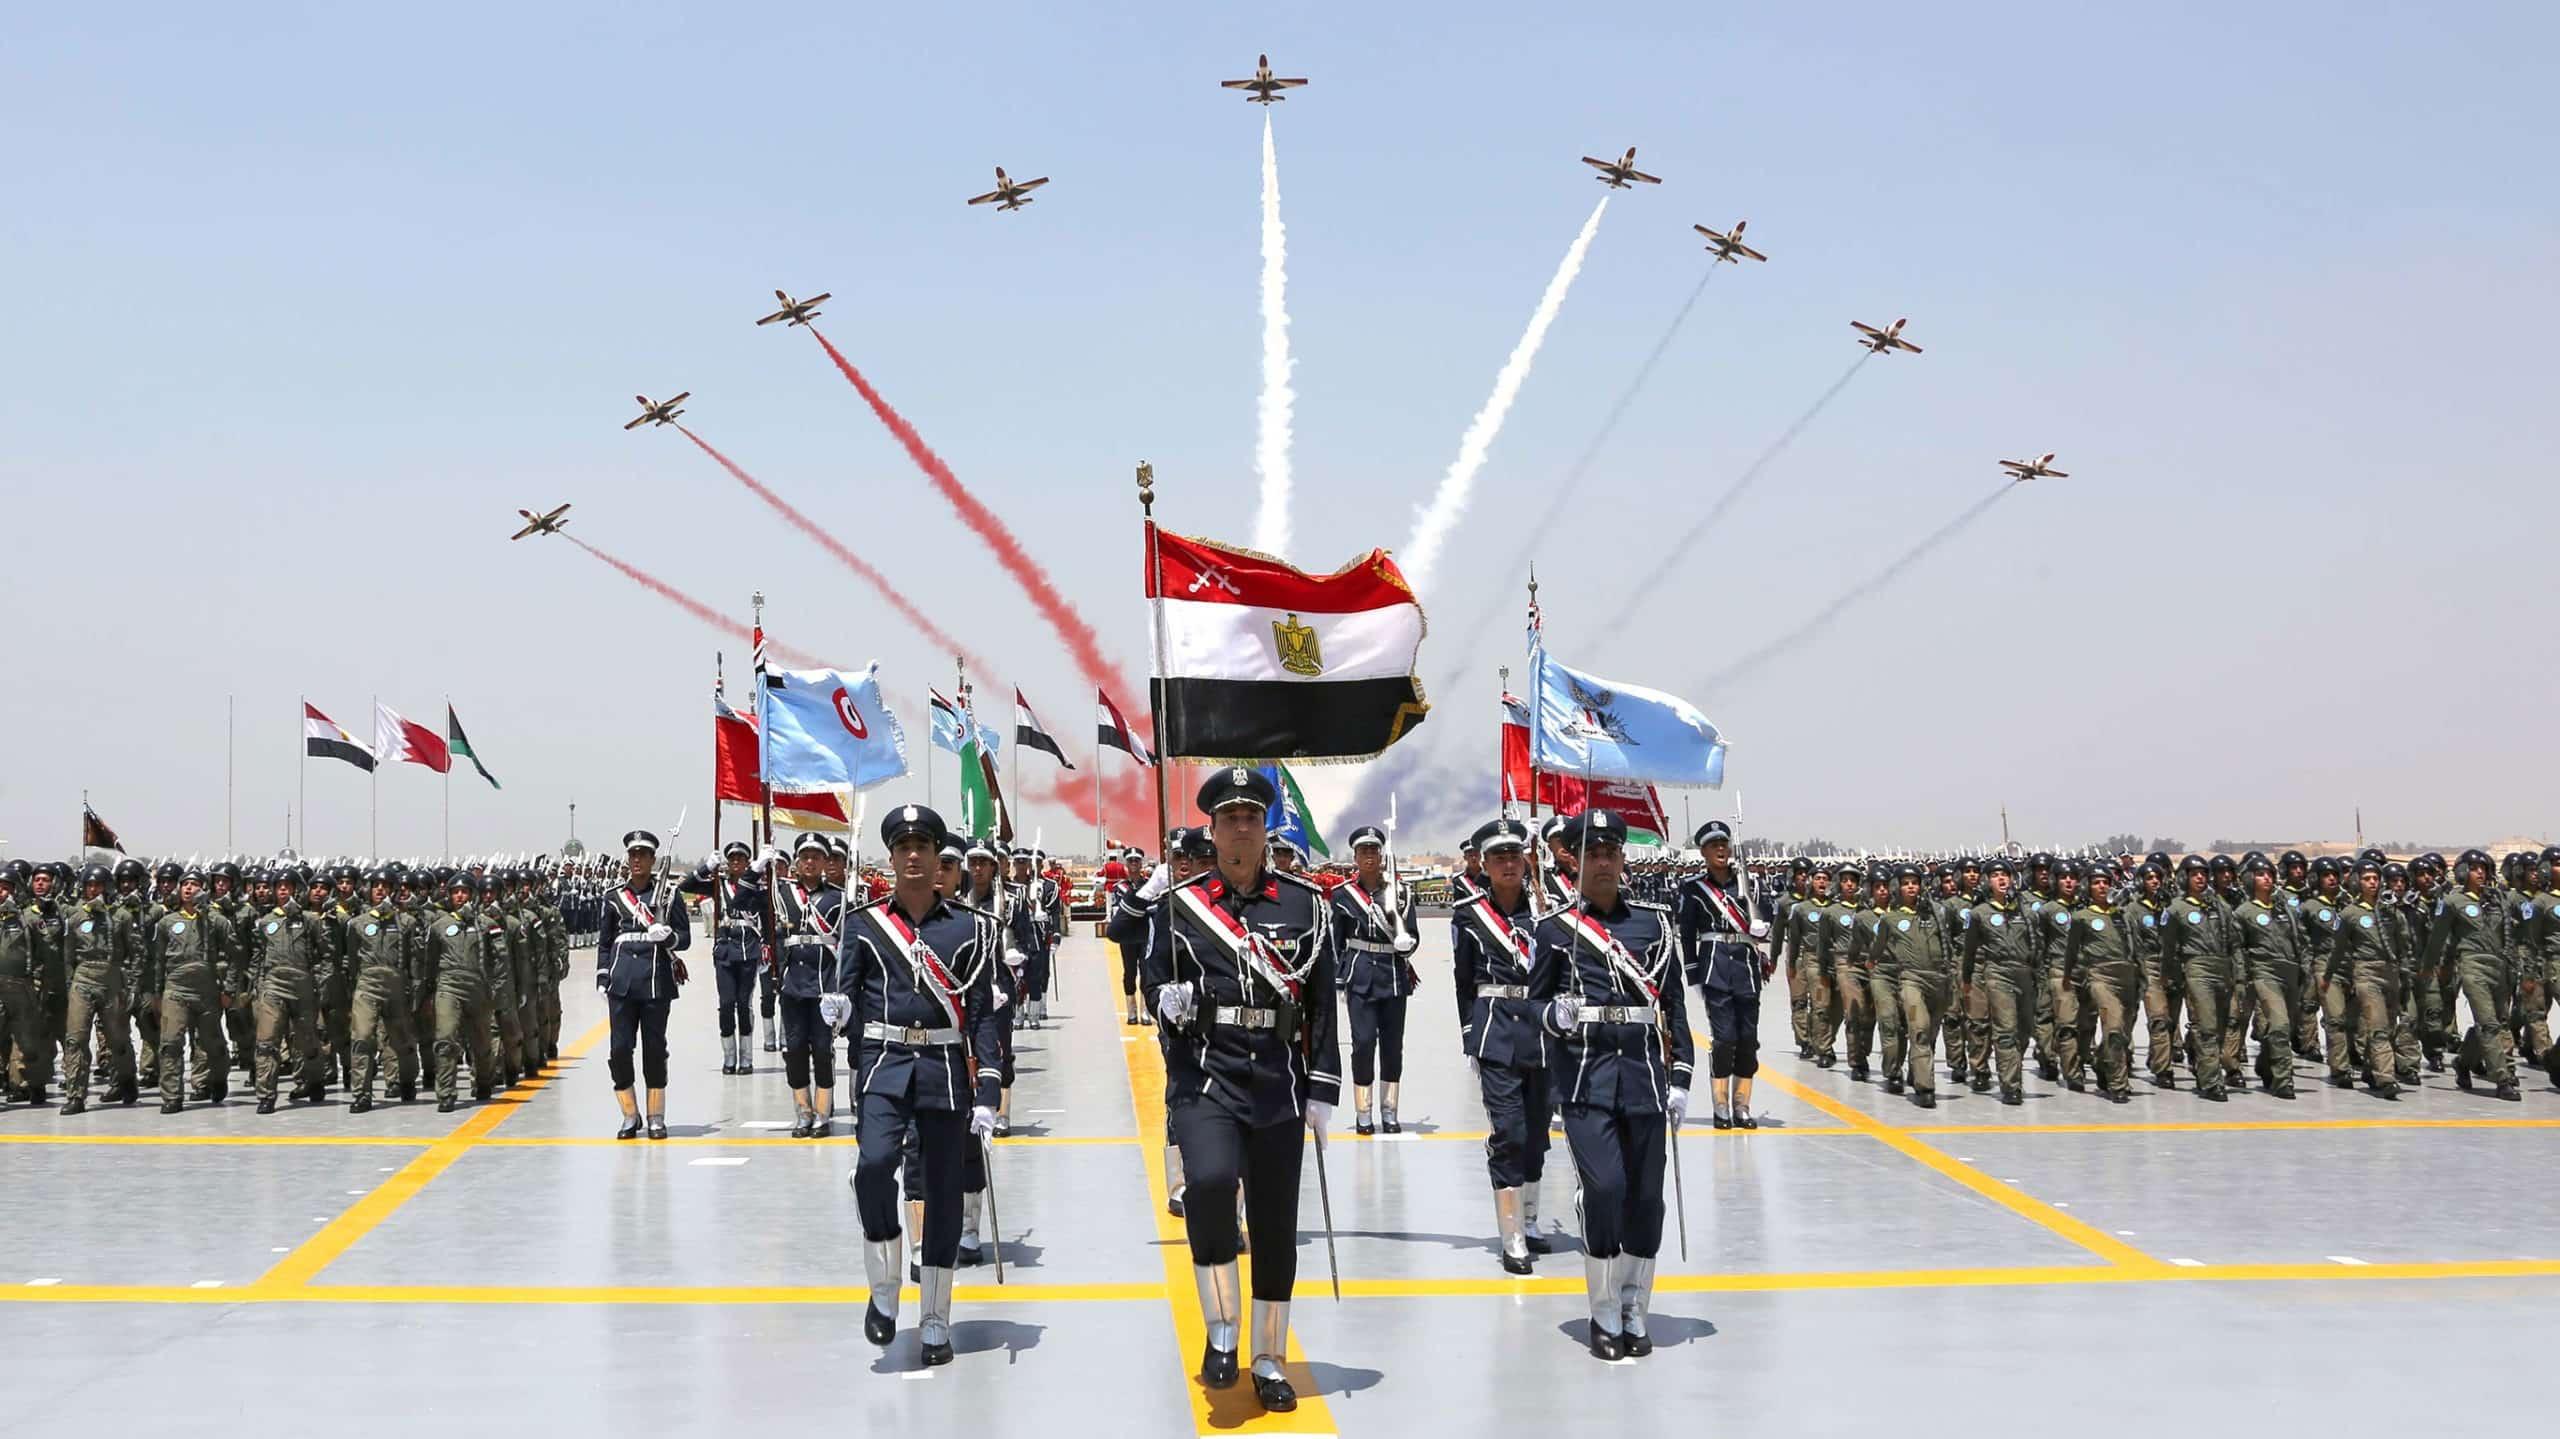 Ο Αιγυπτιακός στρατός υπερέχει του τουρκικού σύμφωνα με το Global Firepower Index - Ο τουρκικός στρατός στην 11η θέση - Πού βρίσκεται η Ελλάδα